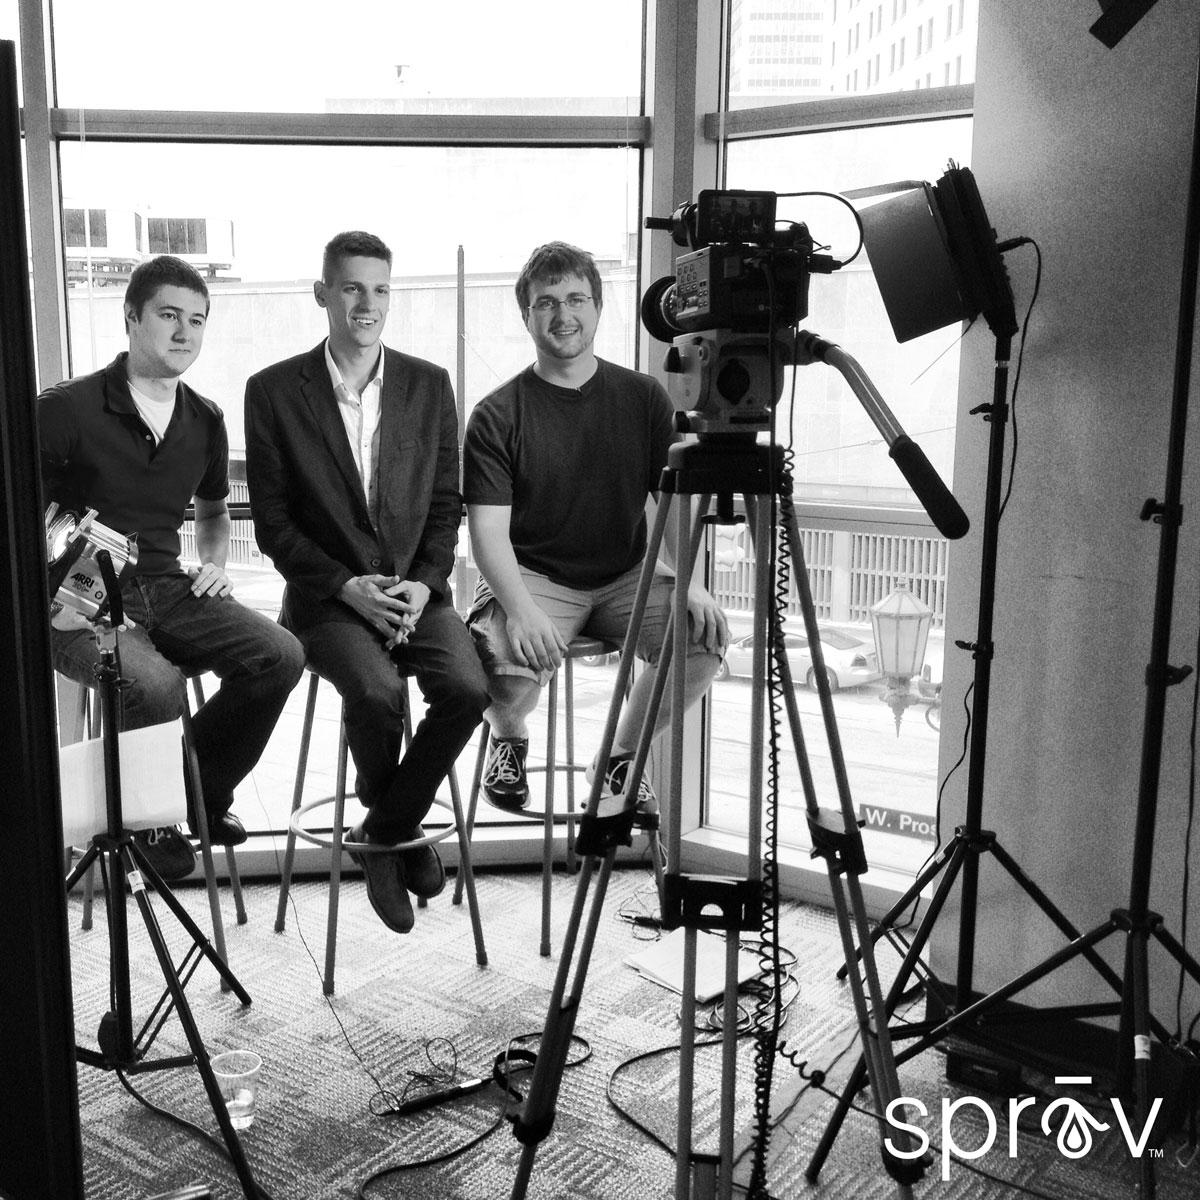 Sprav cofounders Craig Lewis, Andrew Schad and CJ Valle